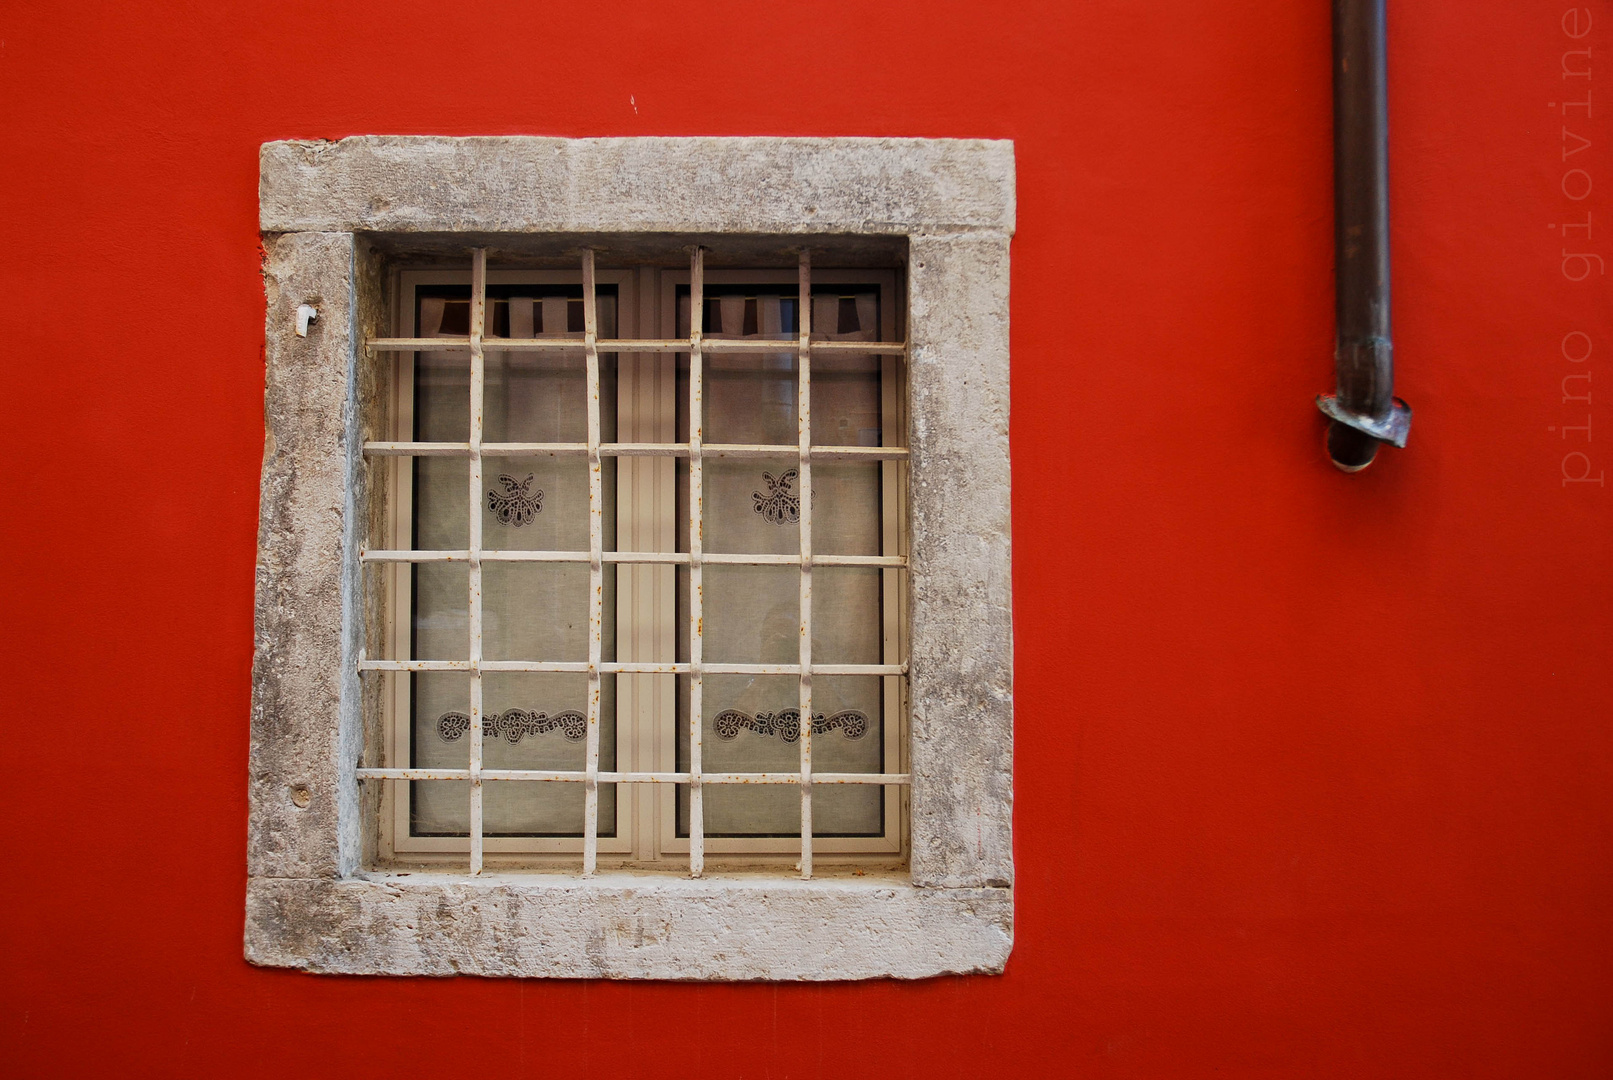 la finestra accanto alla stufa...